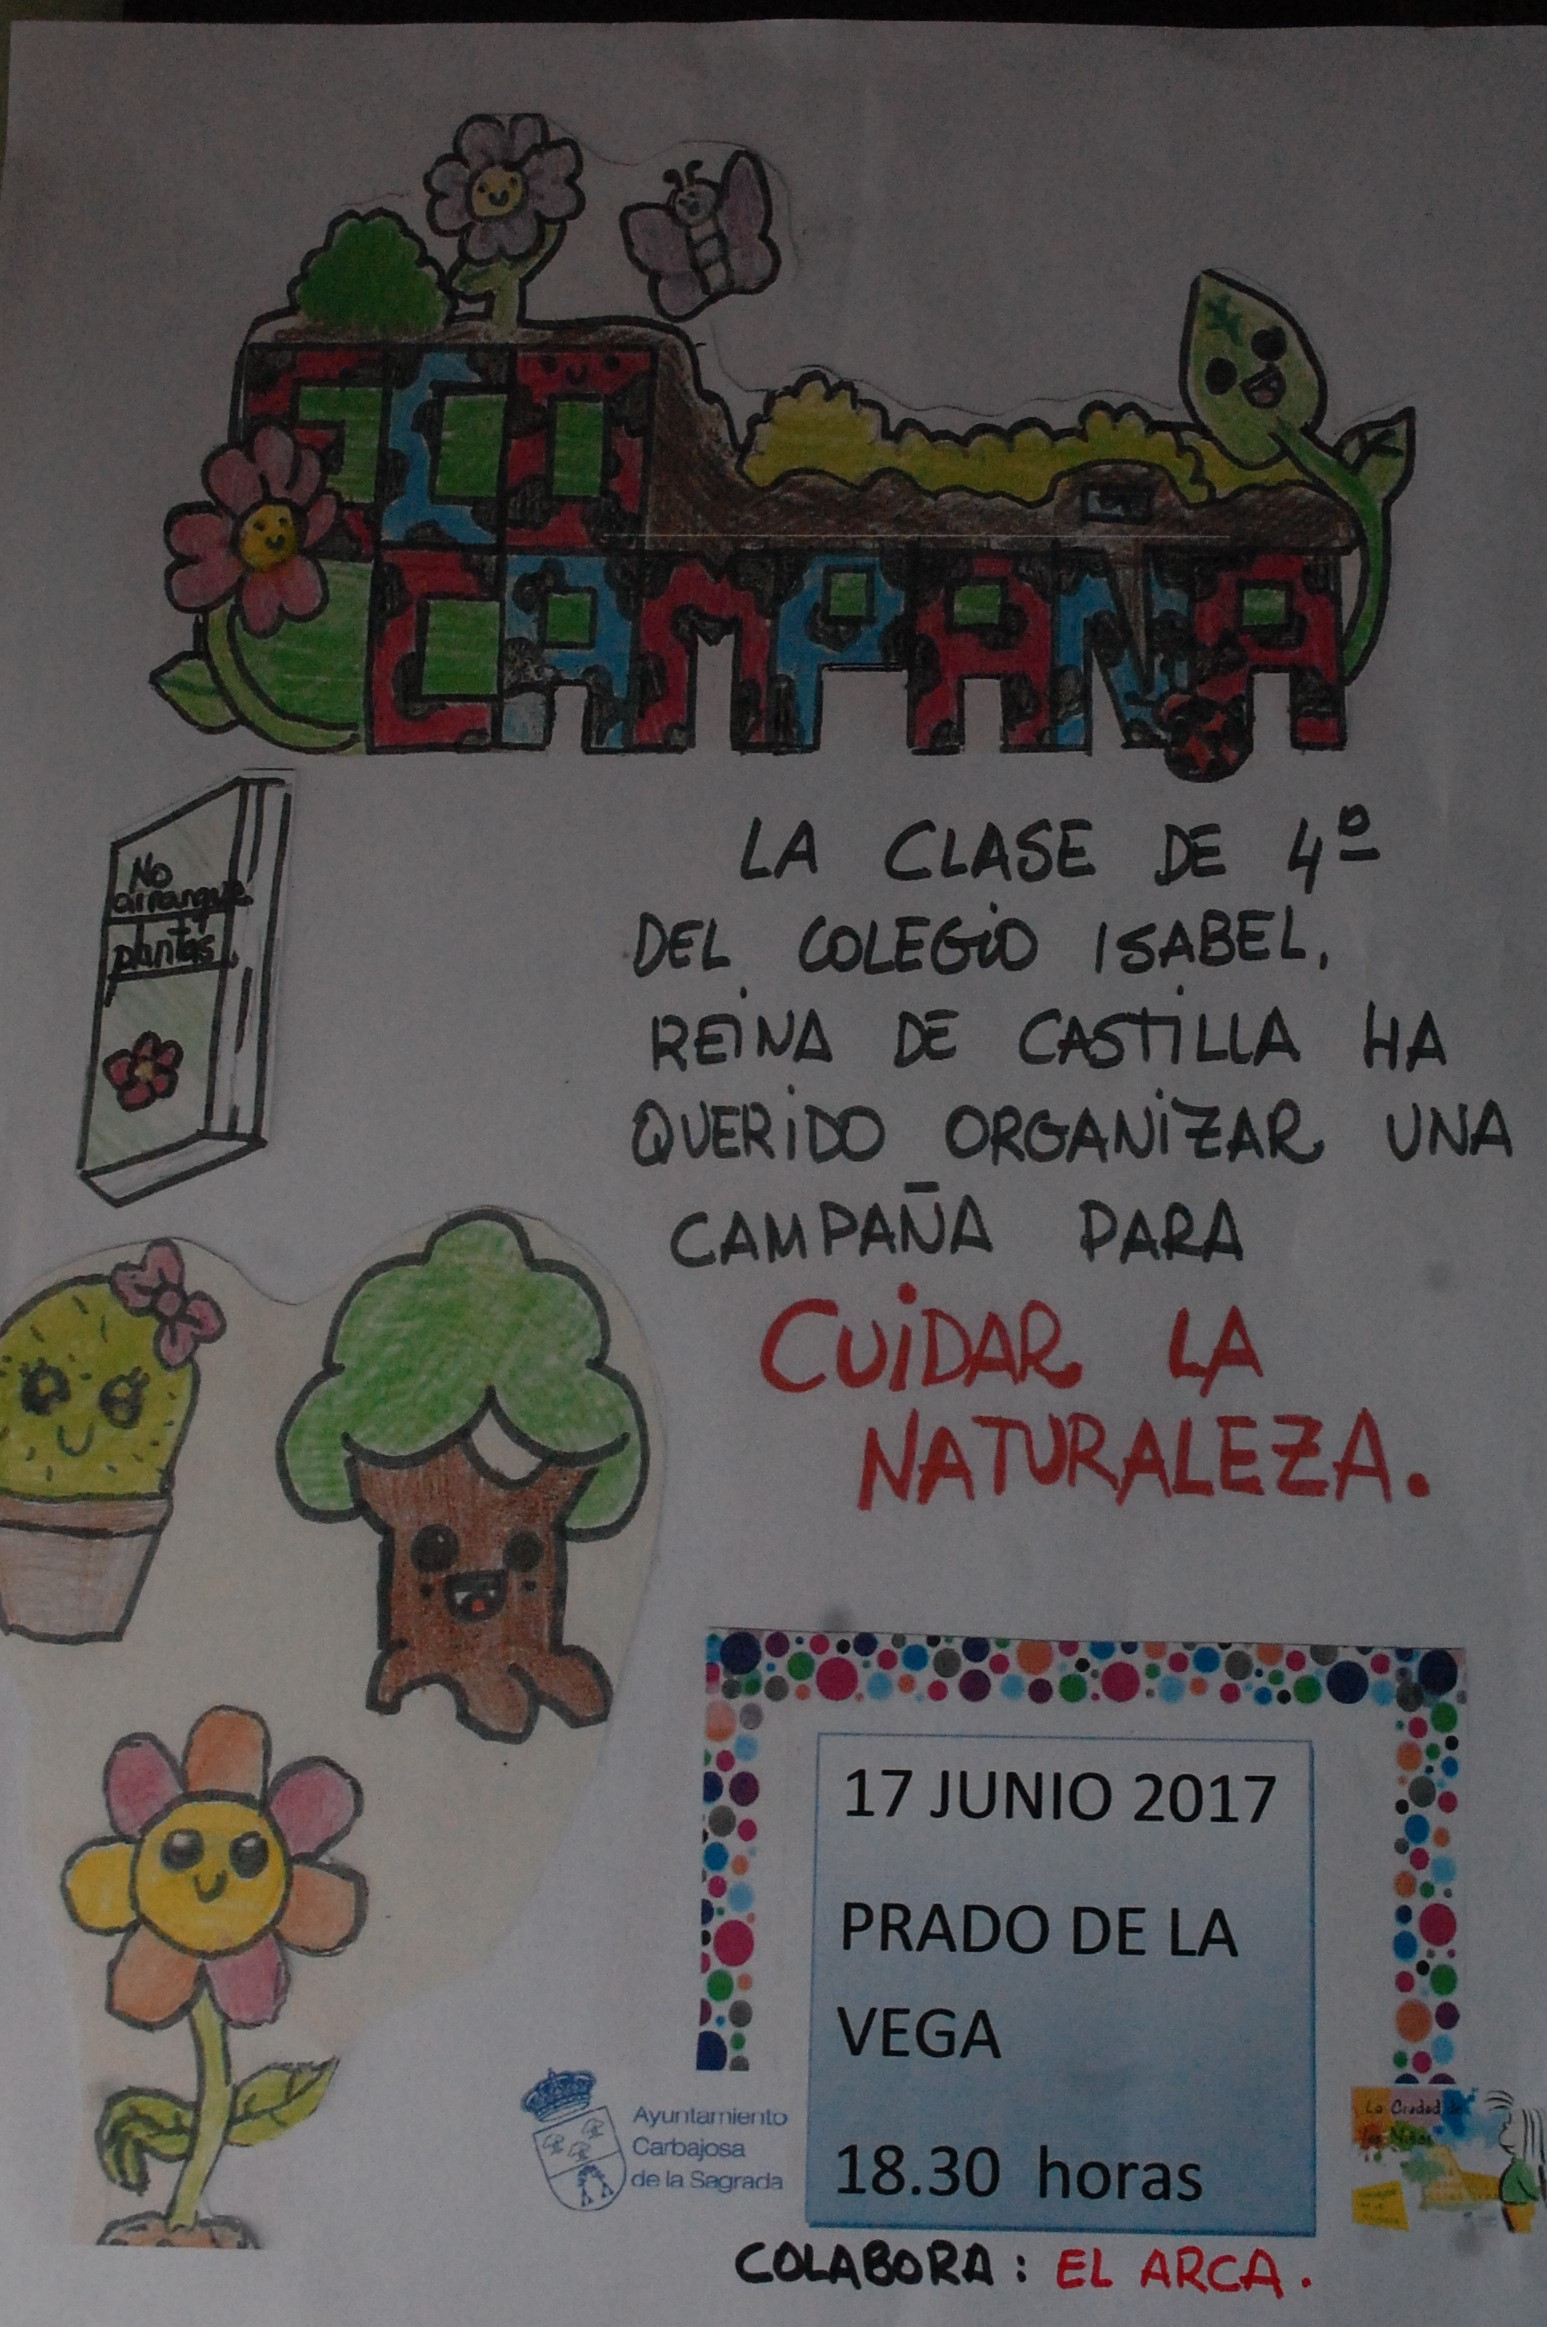 ECO-CAMPAÑA junio 2017